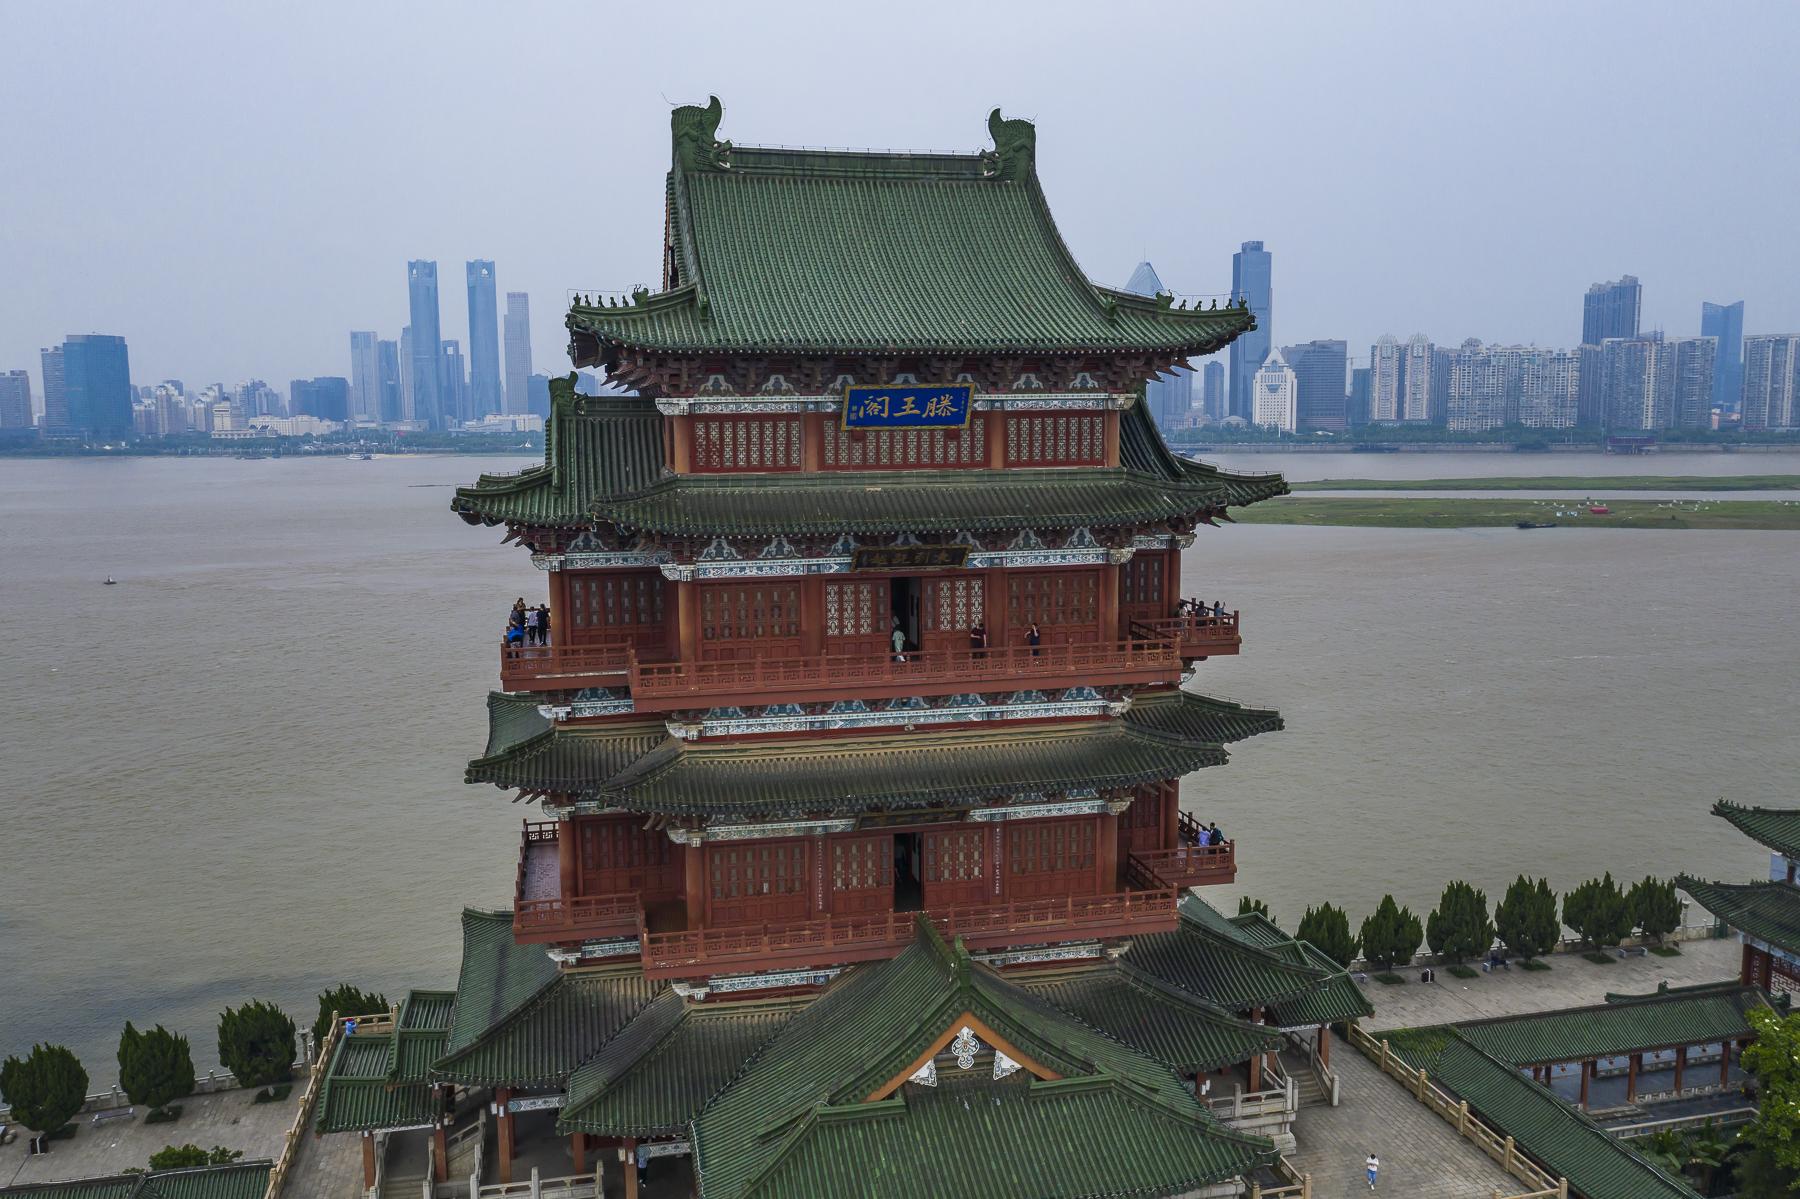 原创             重建29次早已不在原址,号称江南三大名楼的滕王阁,竟是假的!